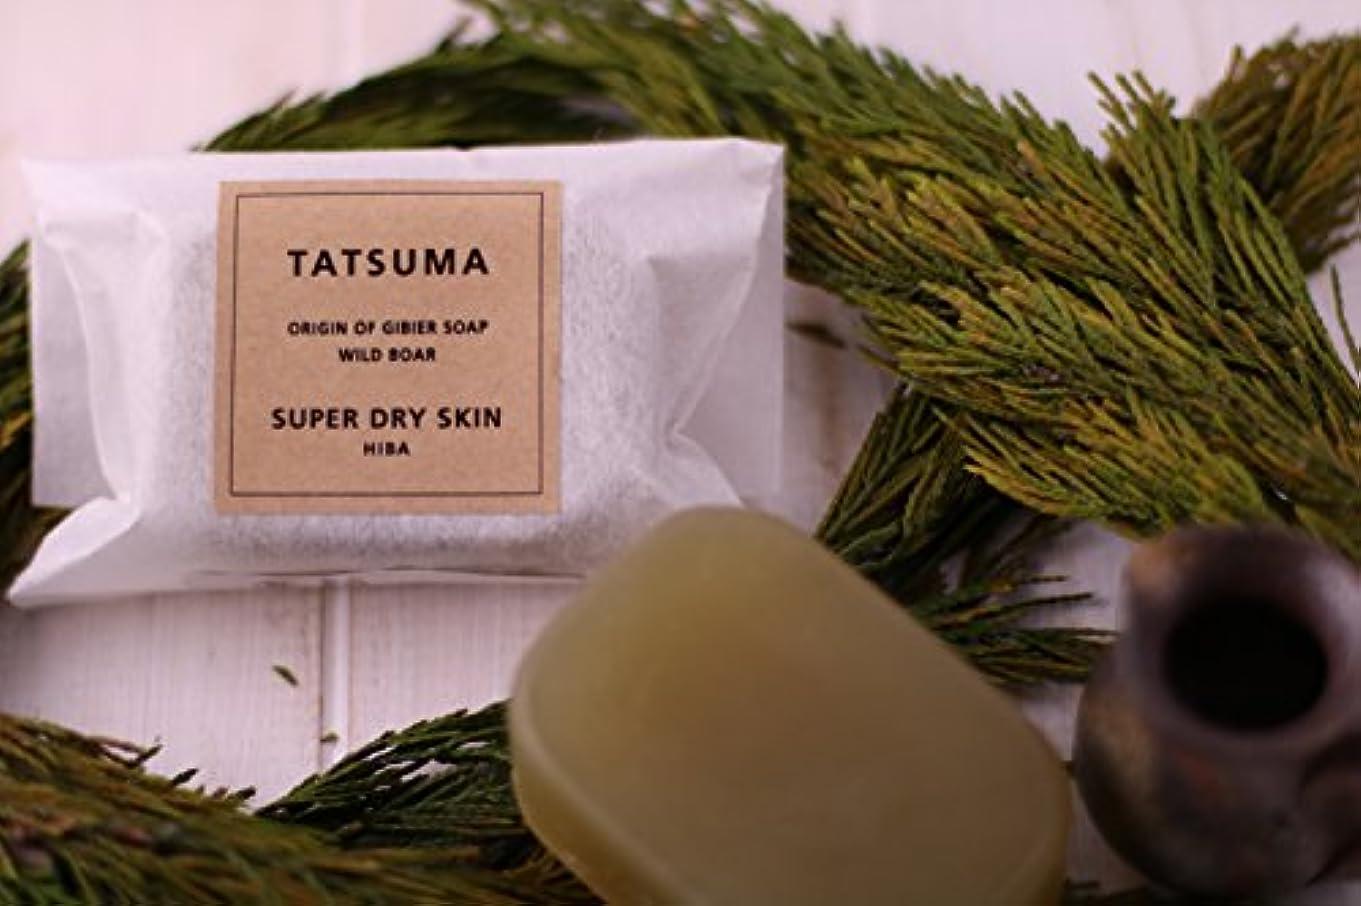 運ぶ花に水をやる不合格化粧石鹸(IC-4) 枠練り/釜焚き製法 | TATSUMA SUPER SuperDRY SKIN HIBA